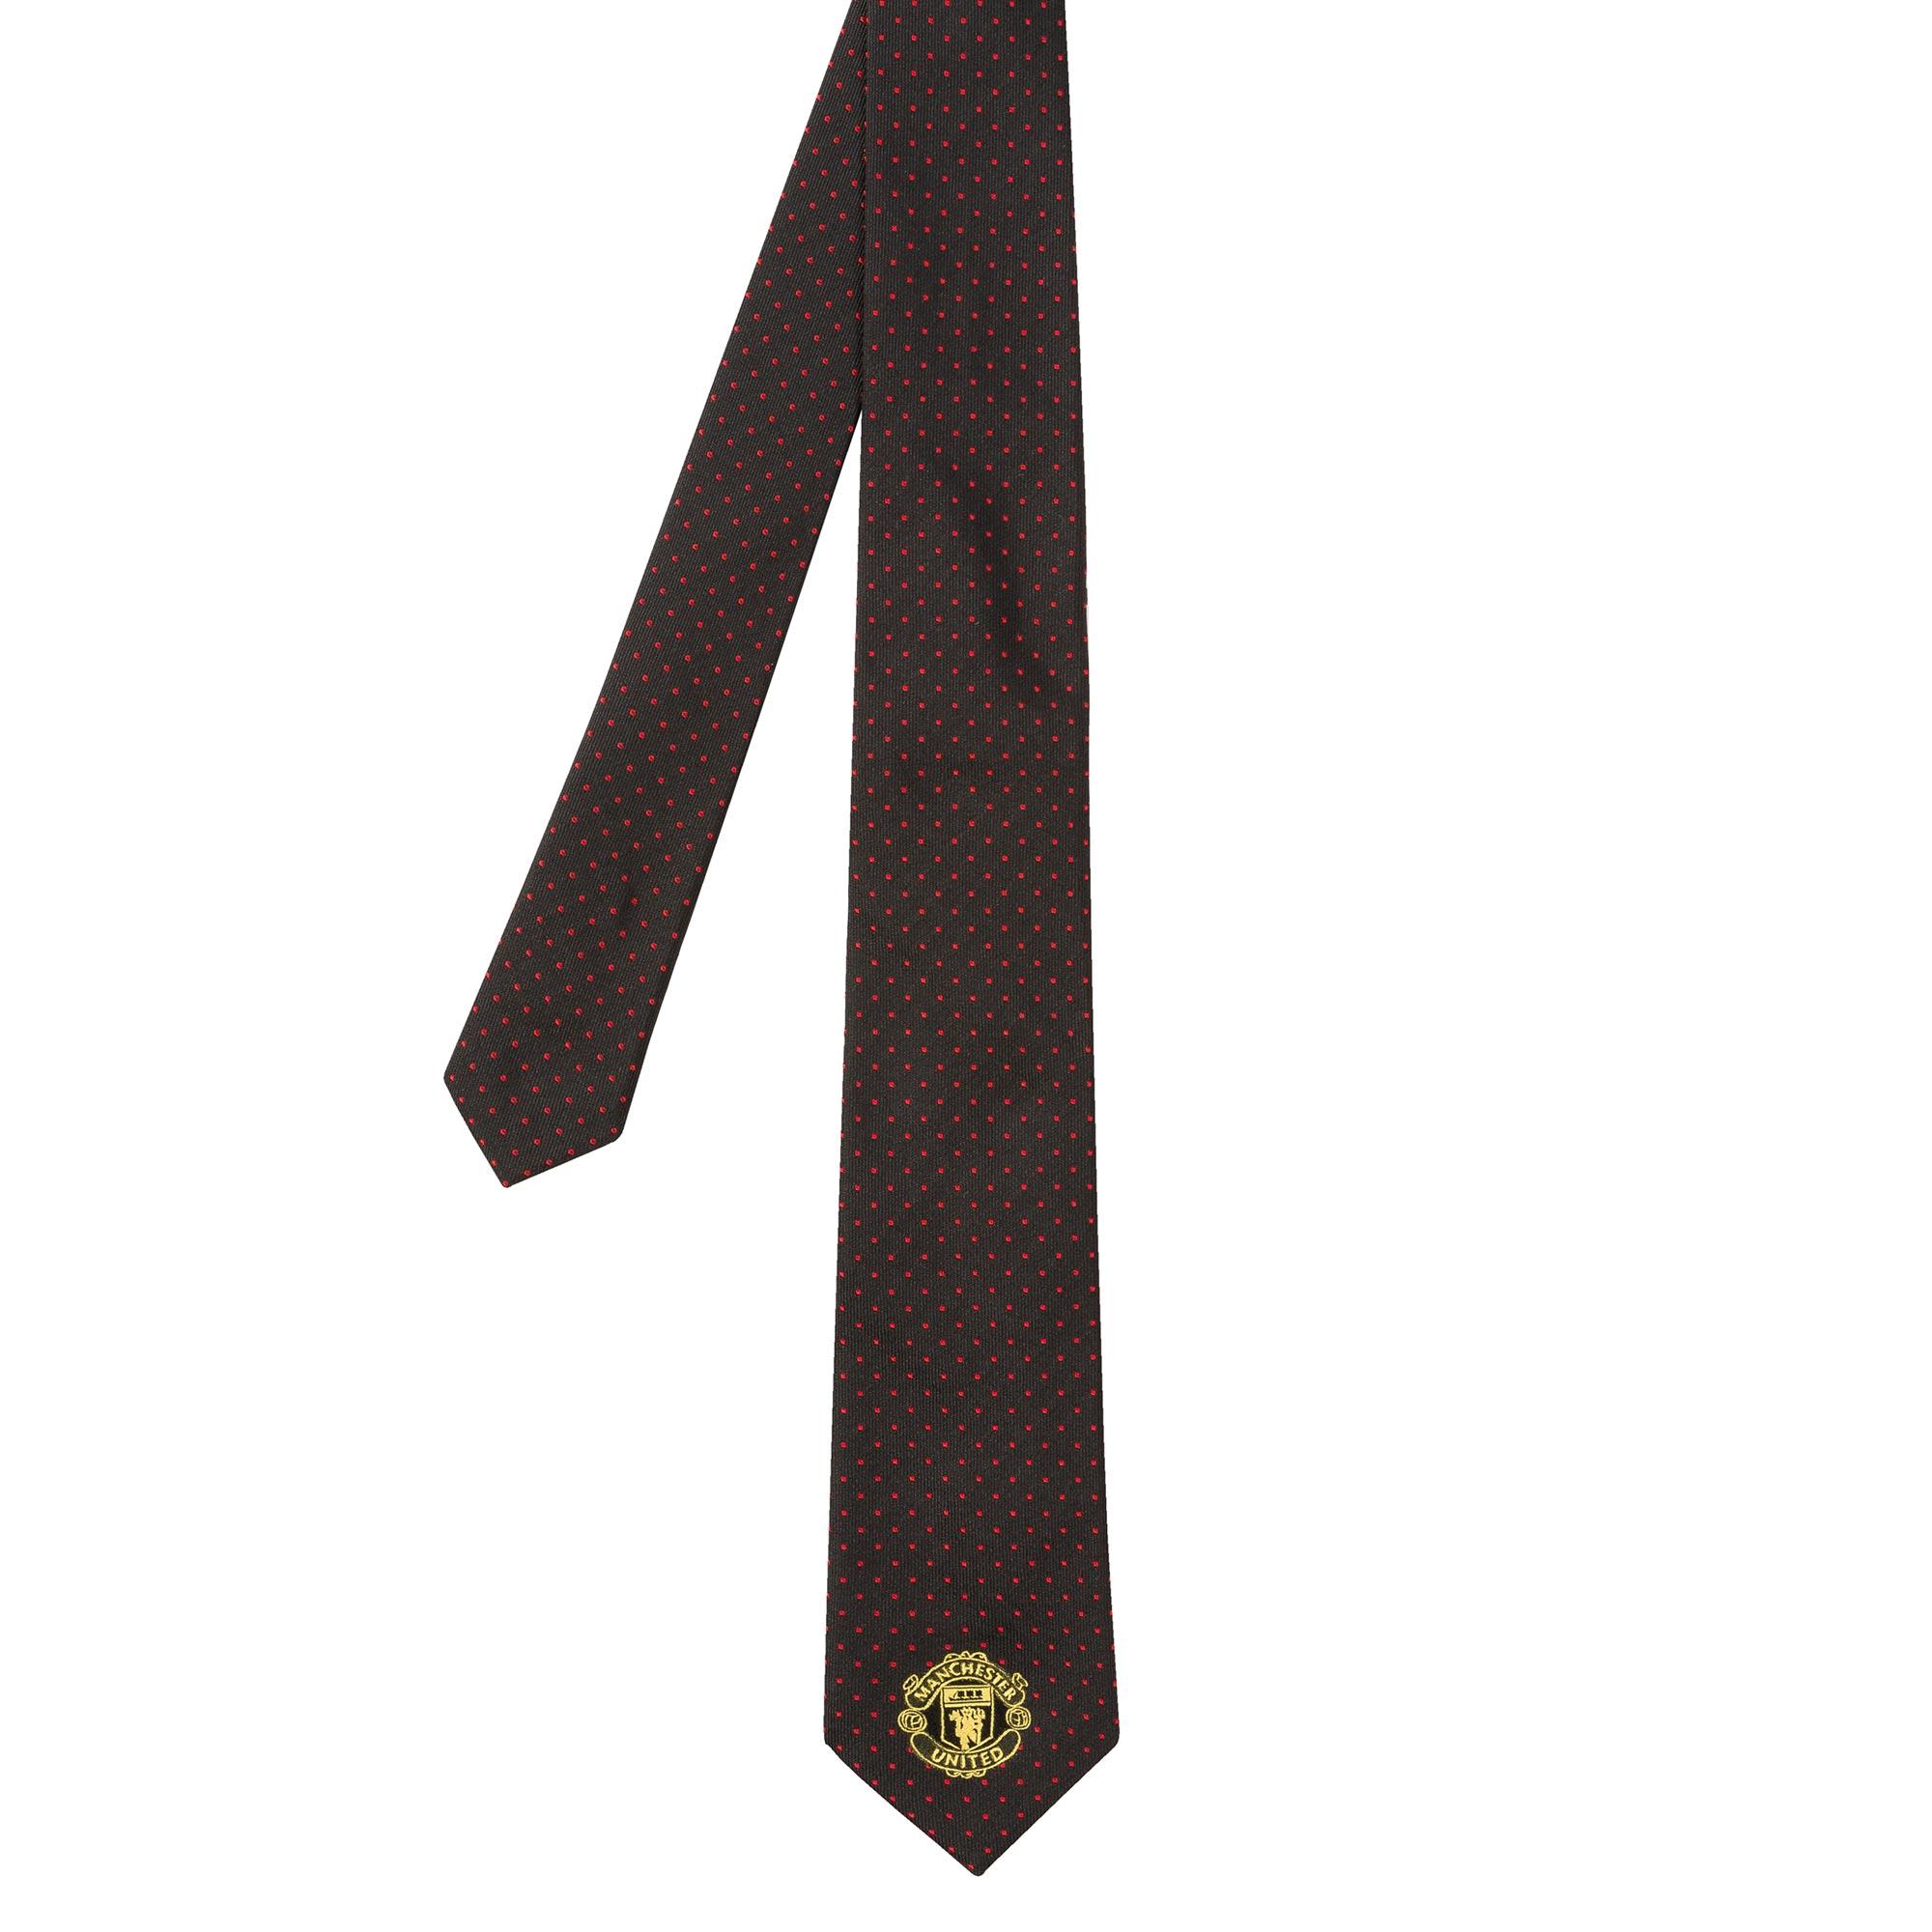 Paul Smith Manchester United - Cravate à pois noir